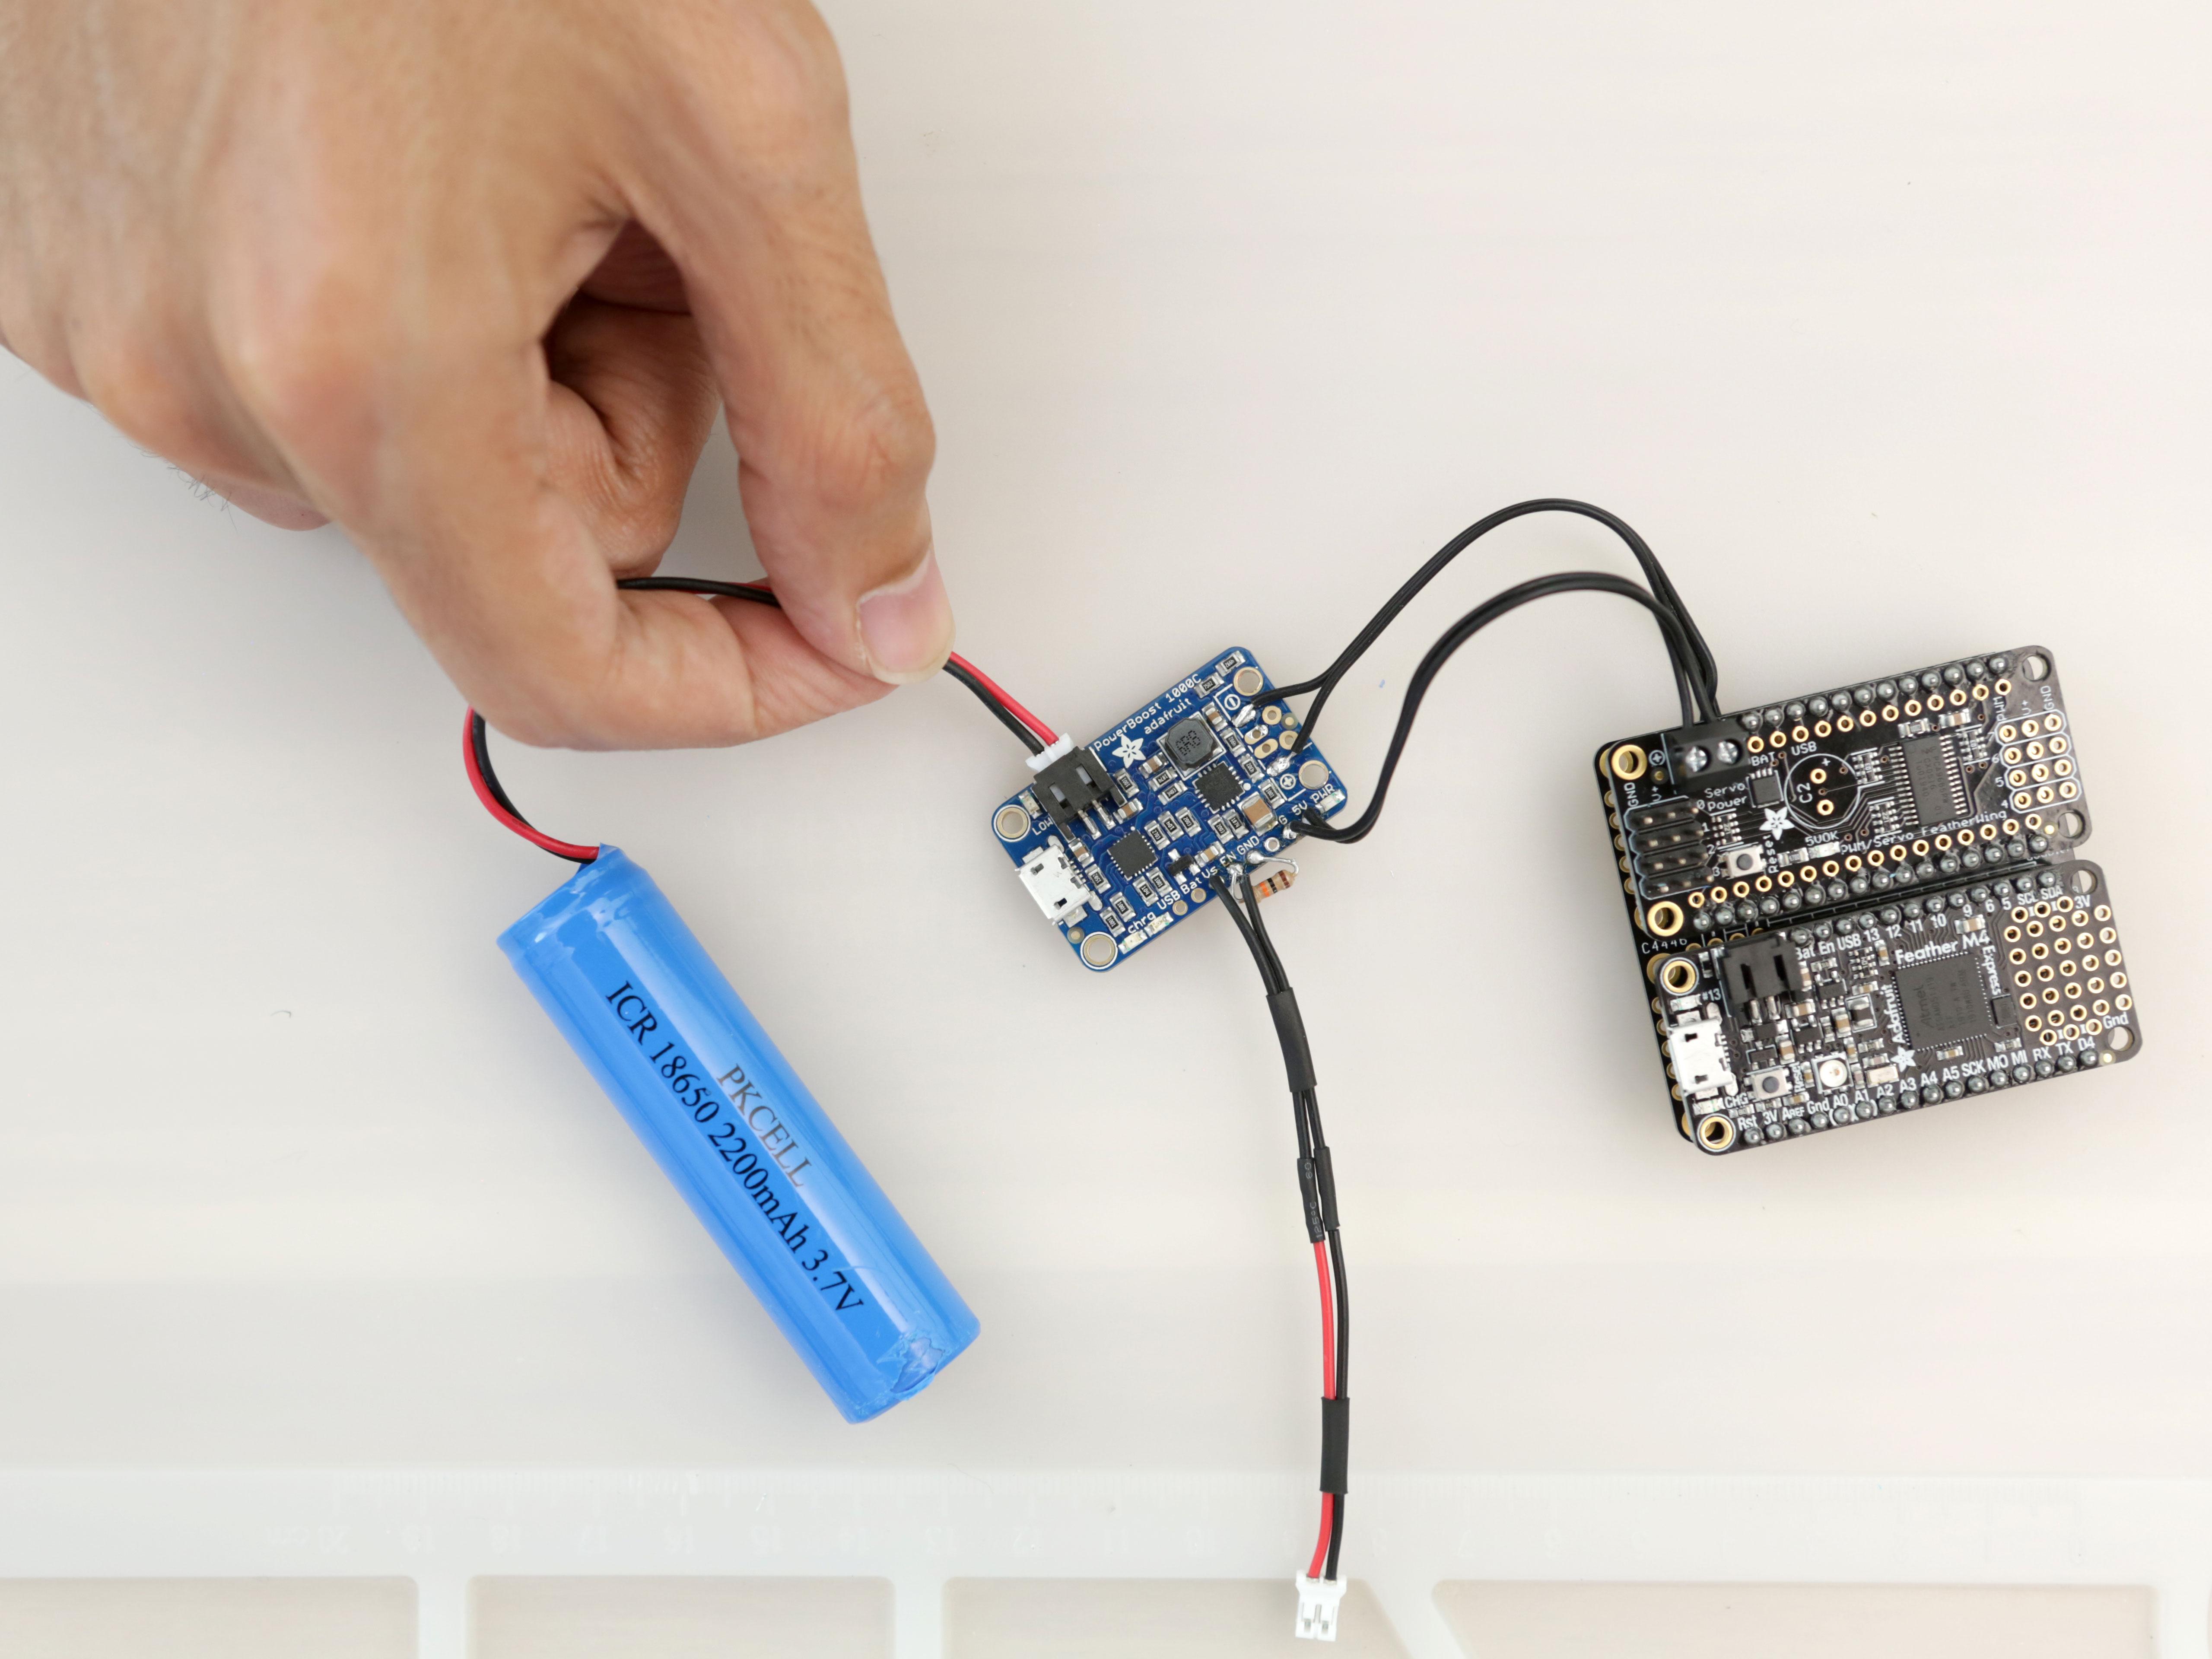 3d_printing_powerboost-plugin-battery.jpg